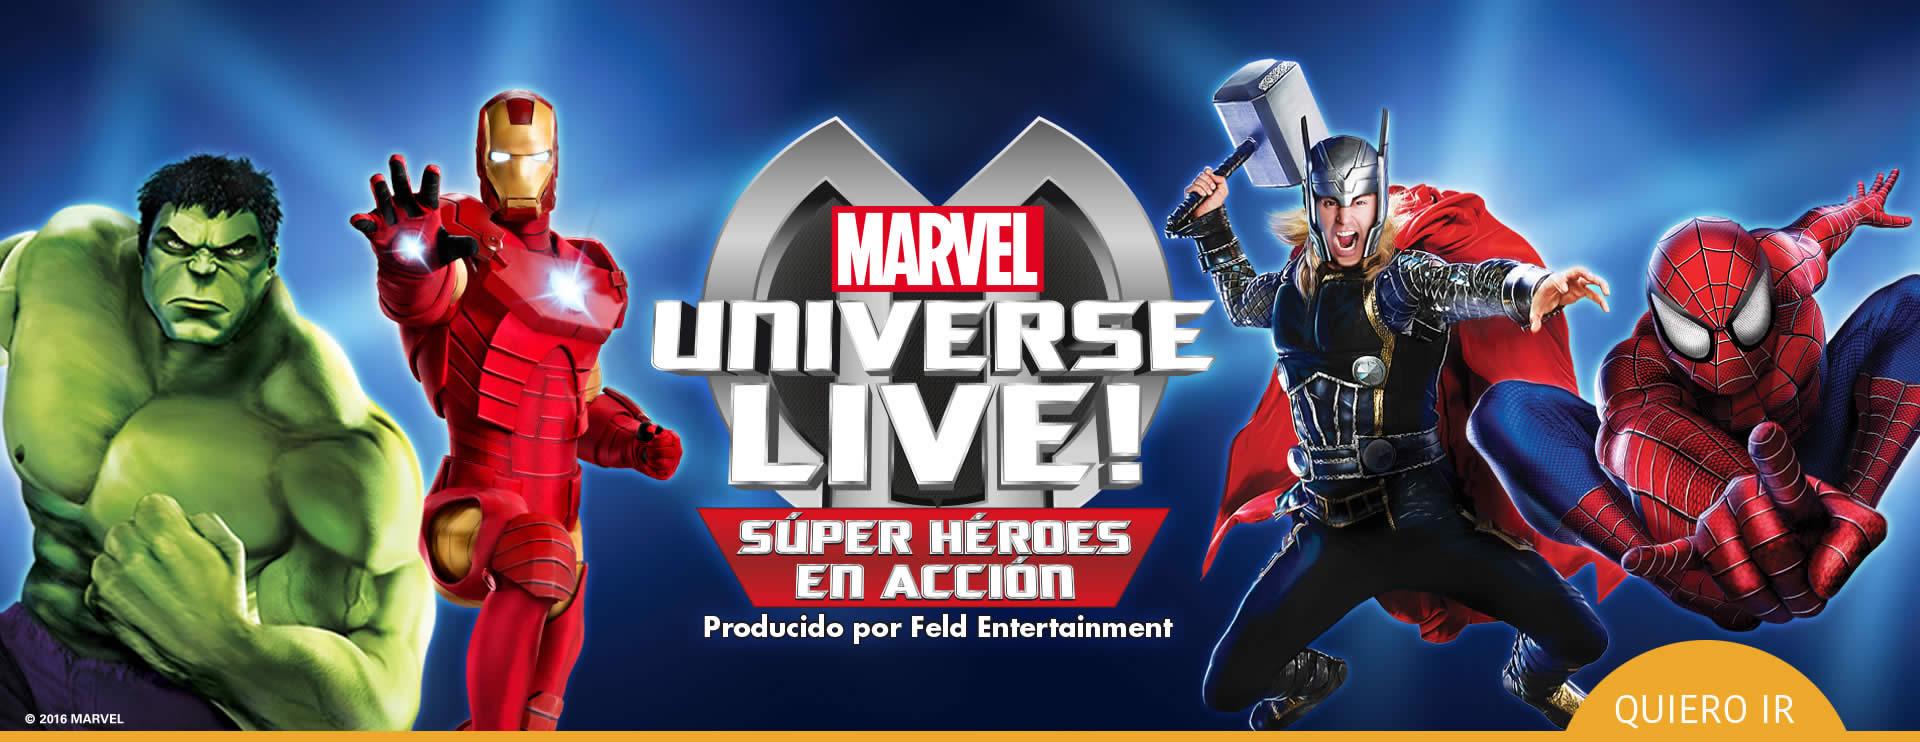 El universo Marvel